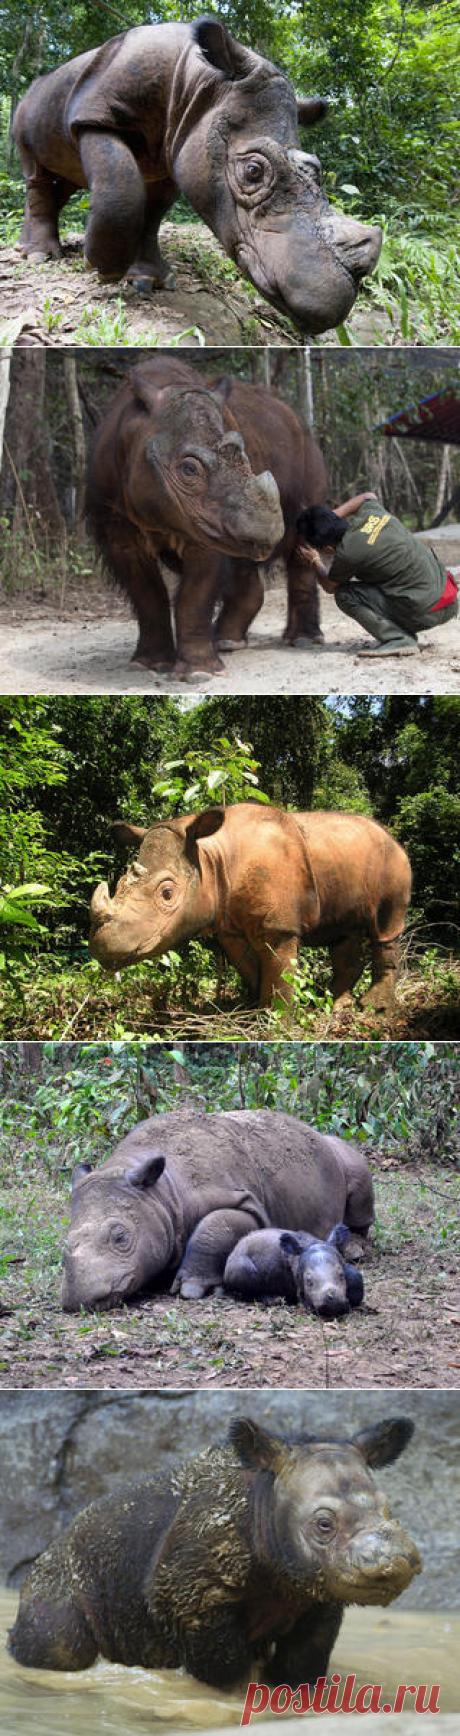 Смотреть изображения суматранских носорогов | Зооляндия